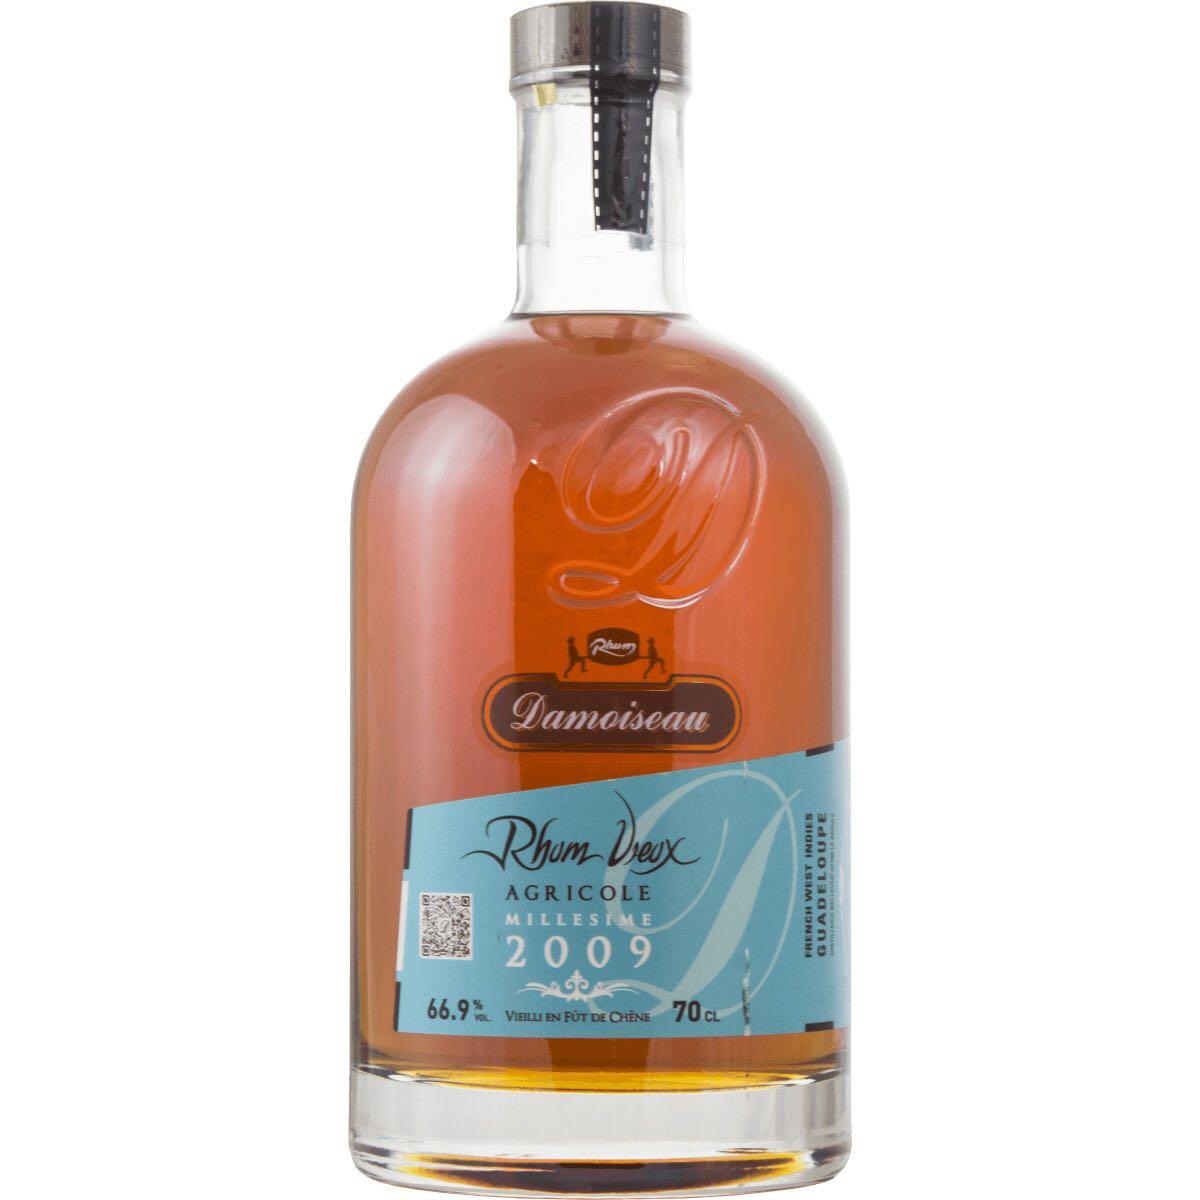 Bottle image of 2009